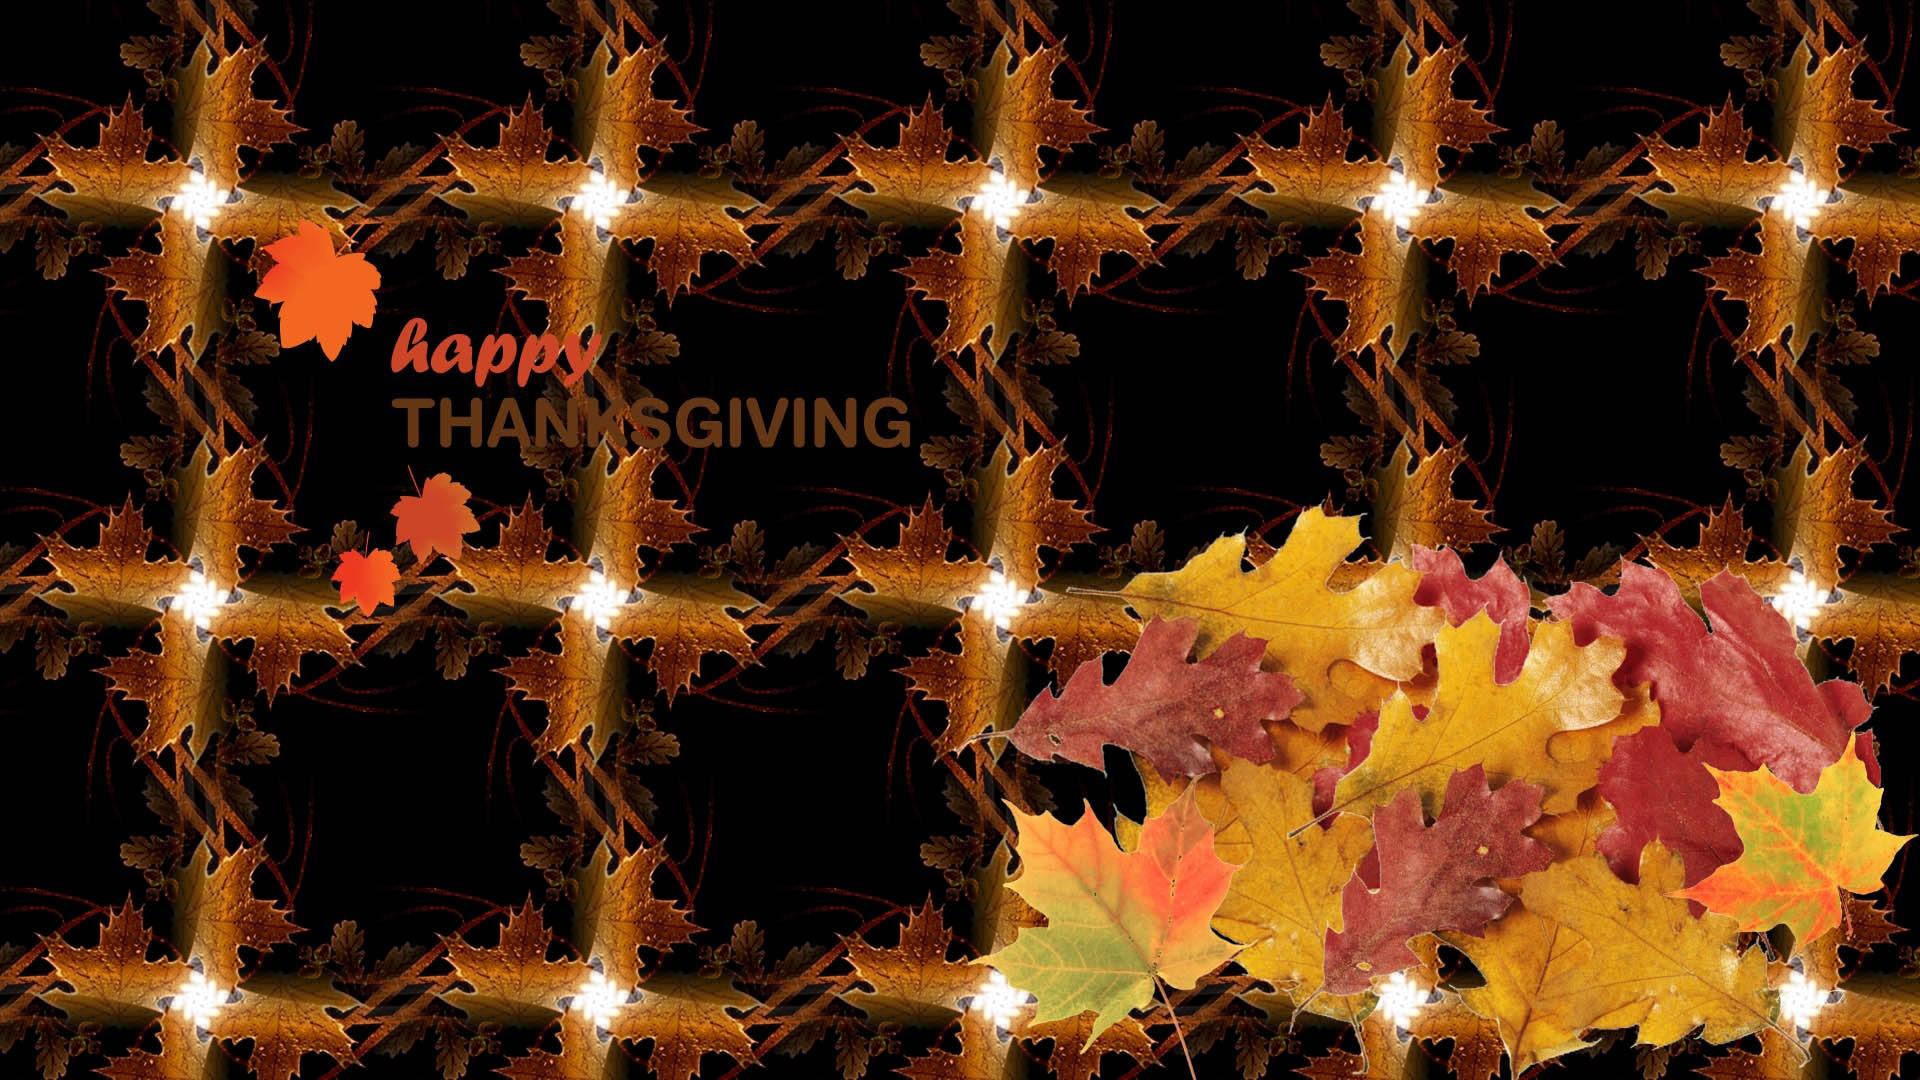 3d Thanksgiving Desktop Wallpaper Desktop Wallpapers - Happy Thanksgiving 3d Desktop - HD Wallpaper